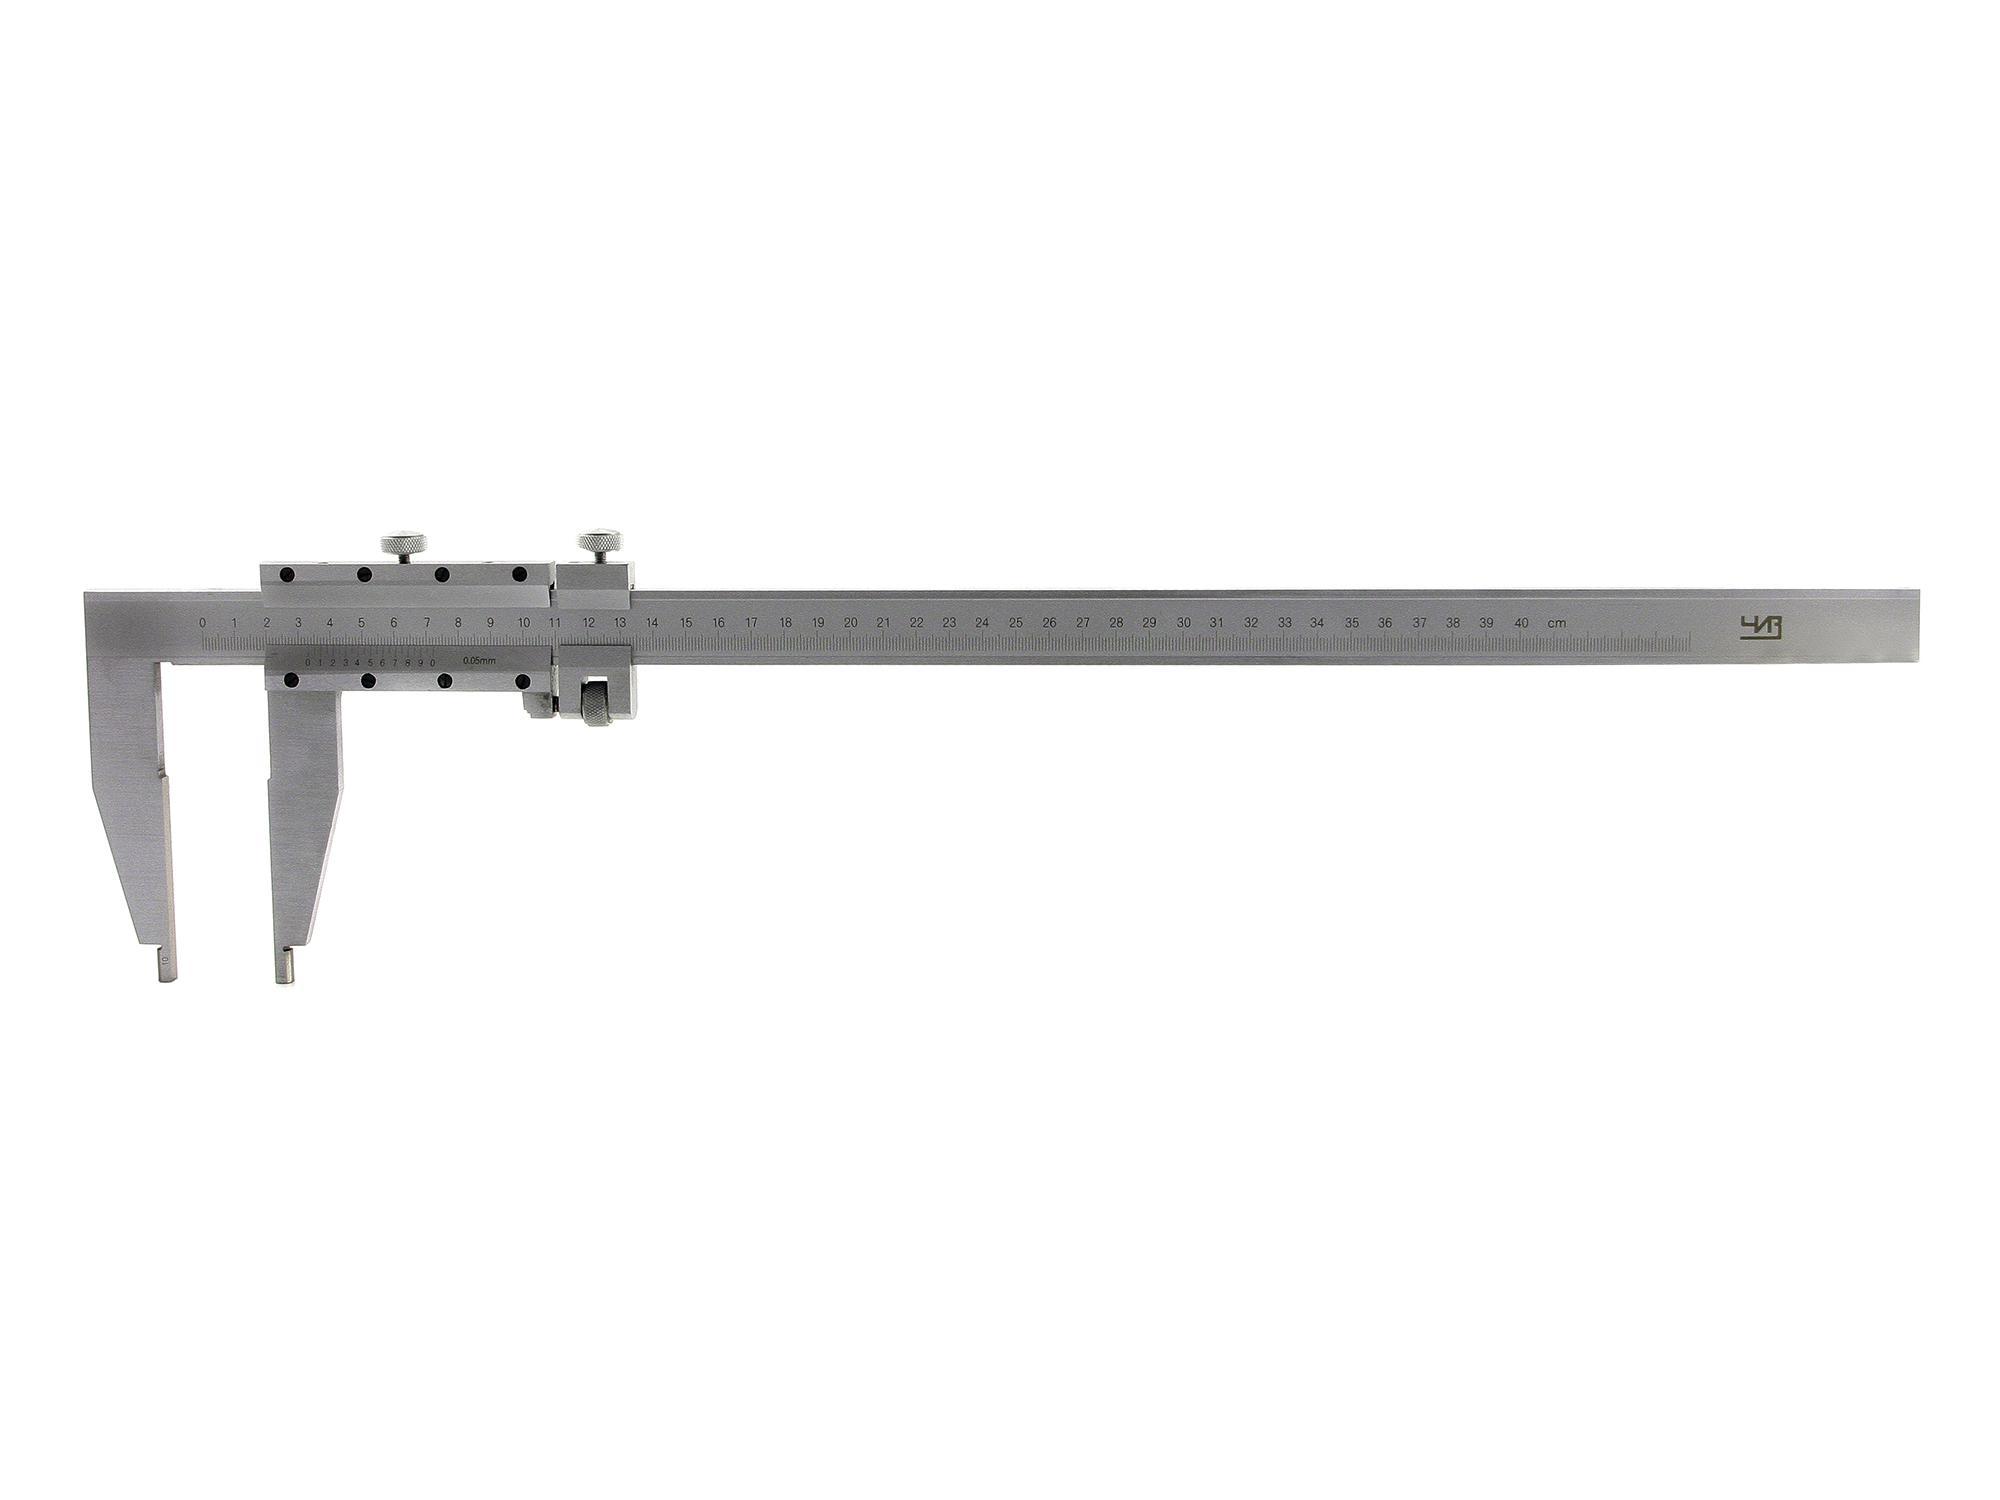 Штангенциркуль ЧИЗ ШЦ-3- 630 0.1 губ.100мм